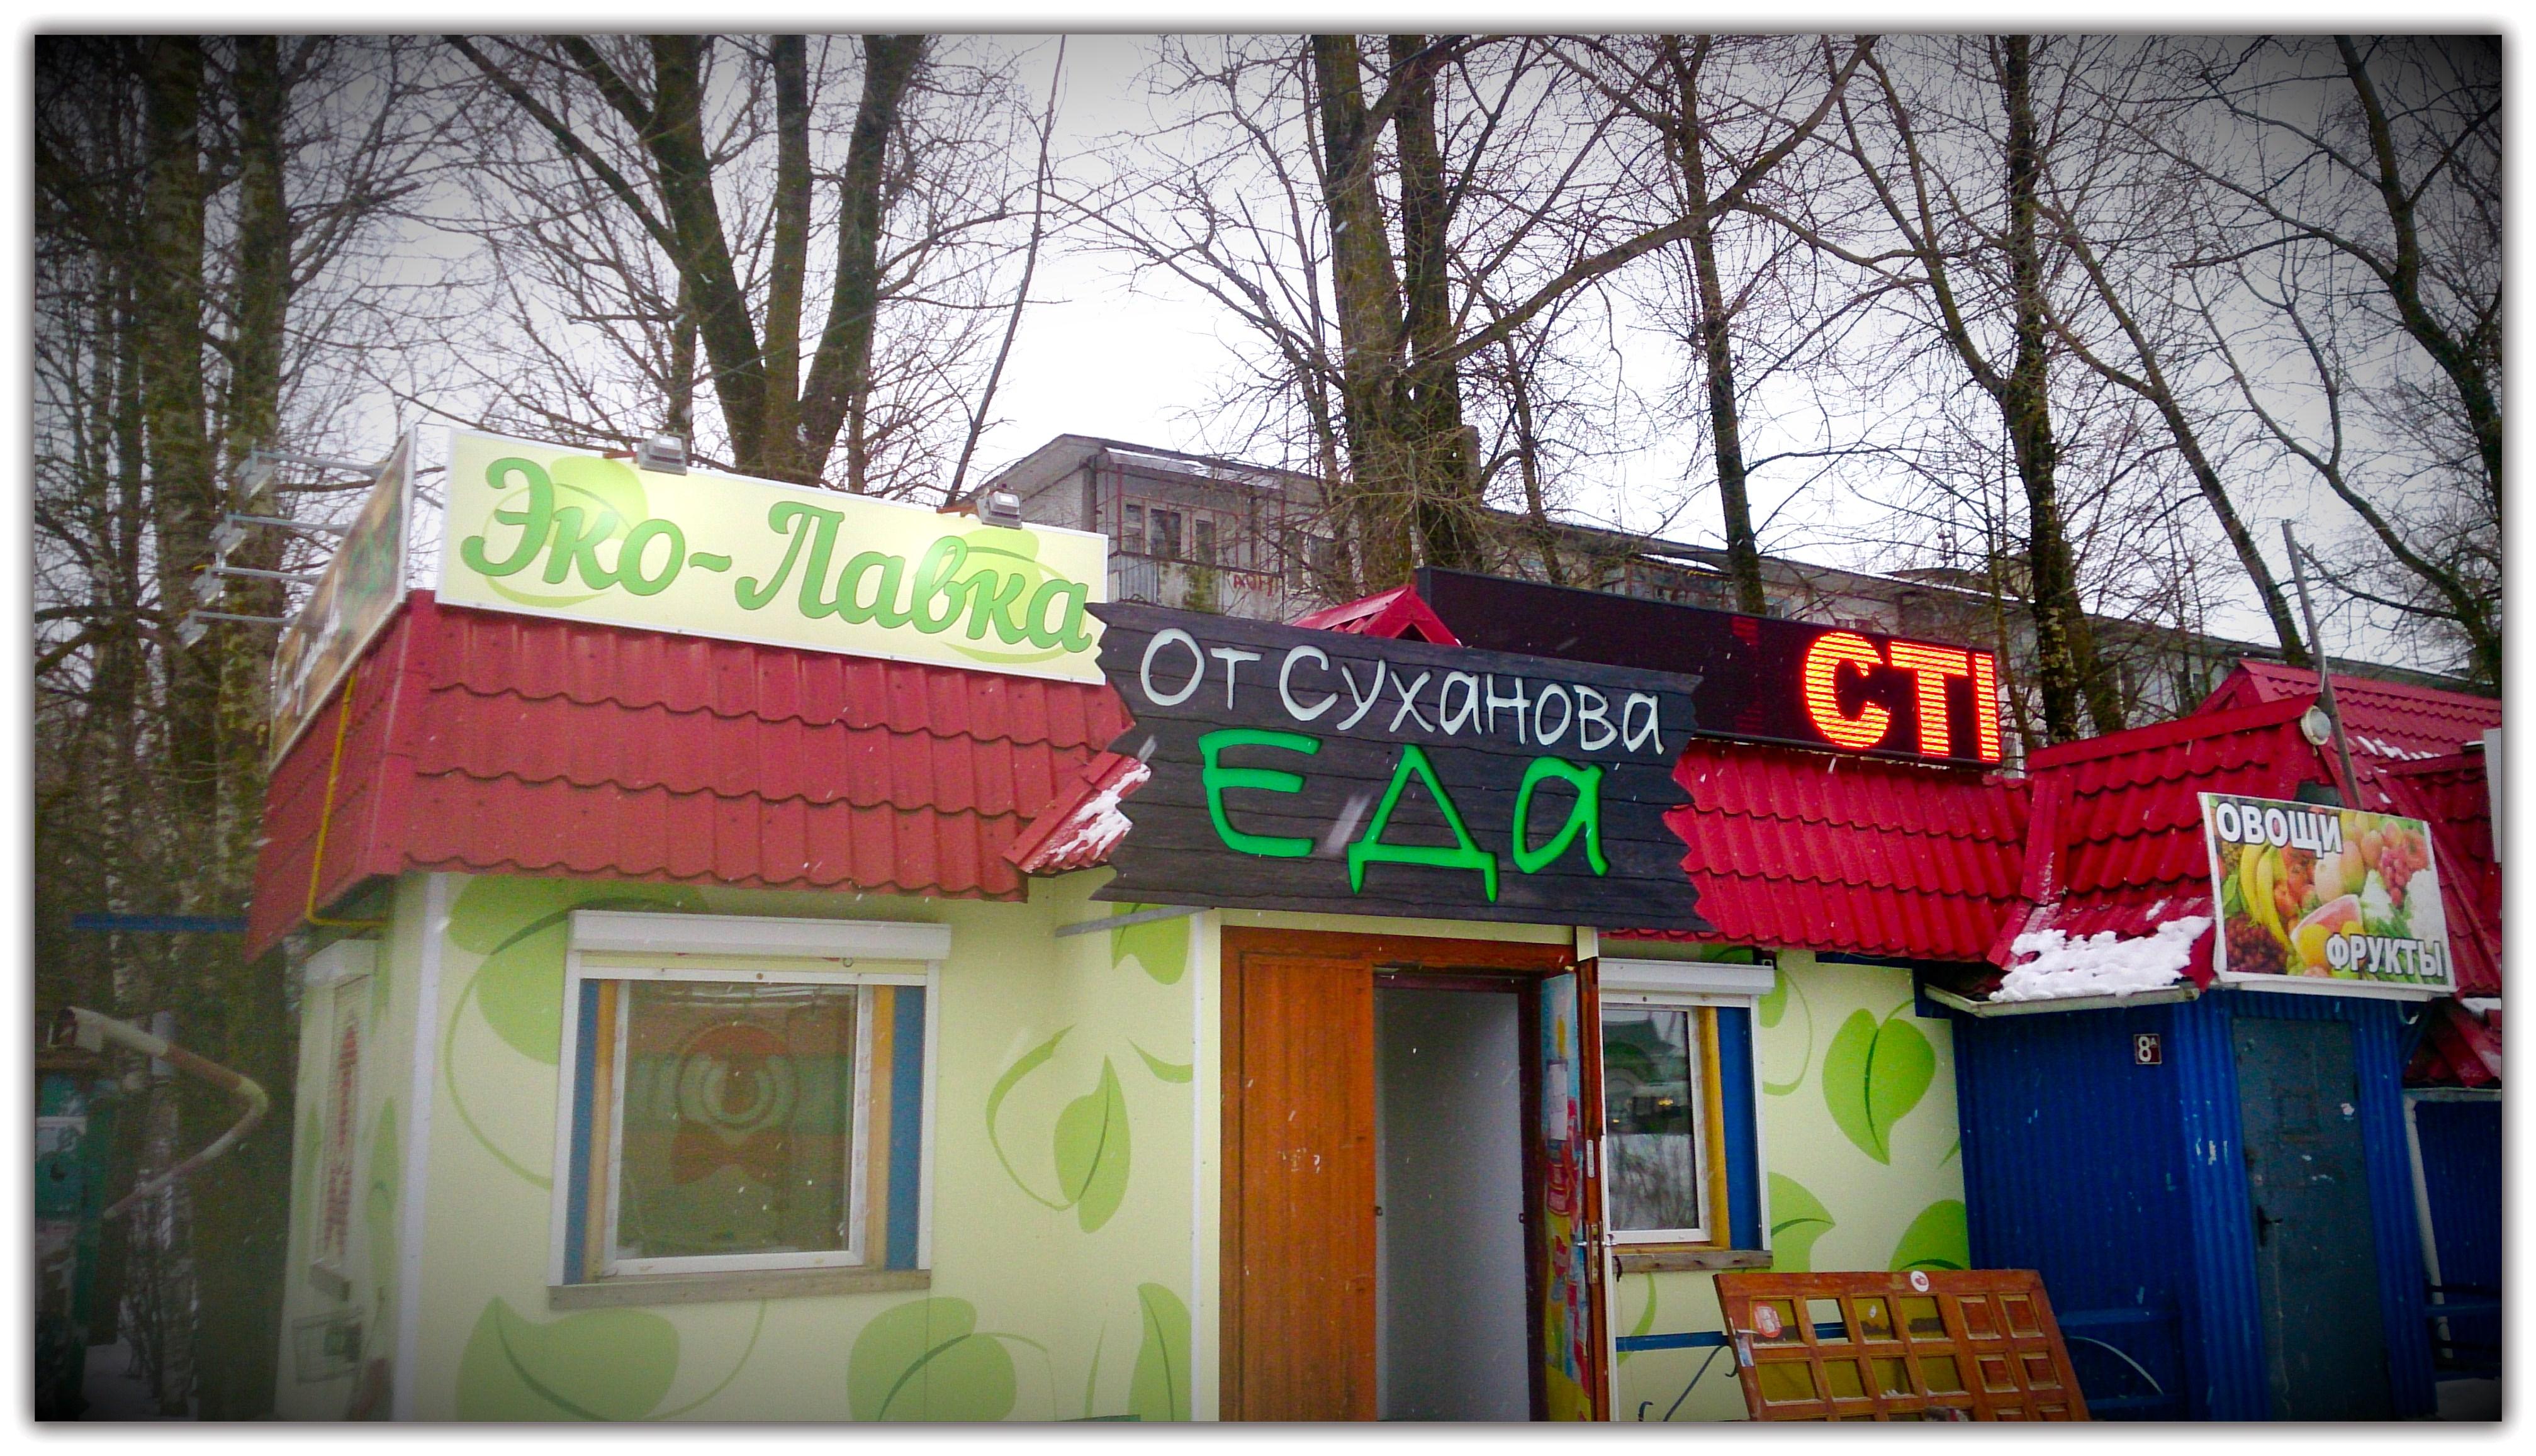 """Эко Лавка , """"Еда от Суханова"""""""